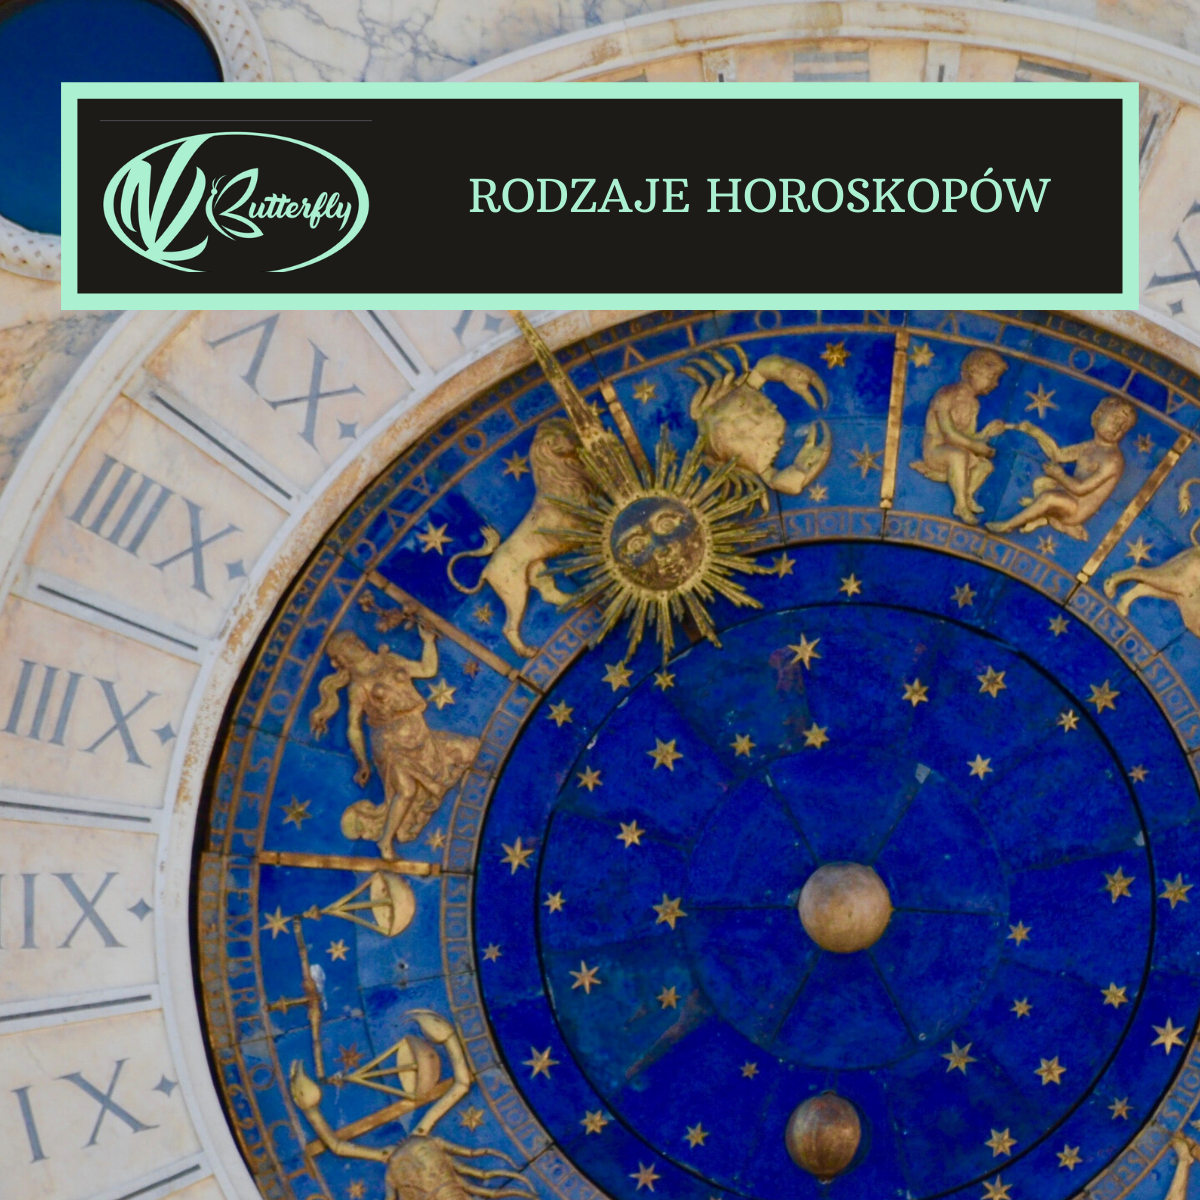 Rodzaje horoskopów